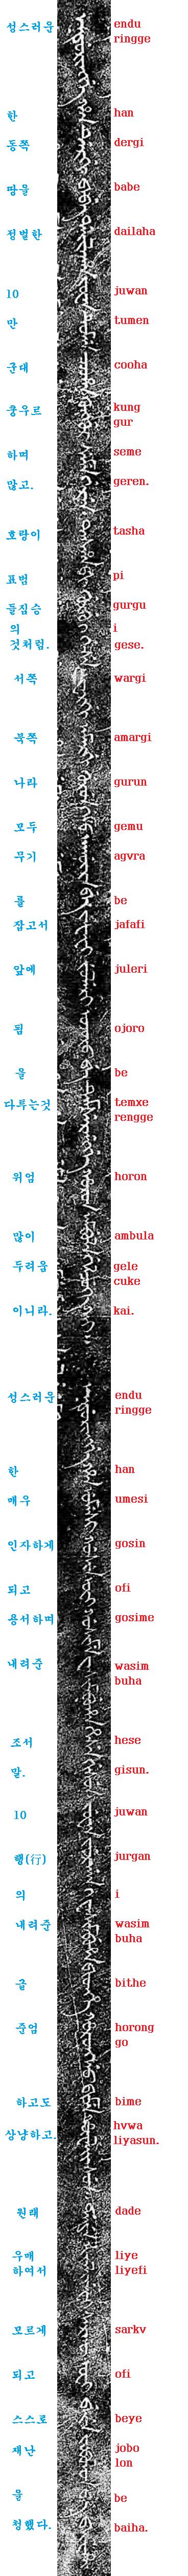 만주어 삼전도비 번역 및 쓰기 16부-우리가 우매하여 10..